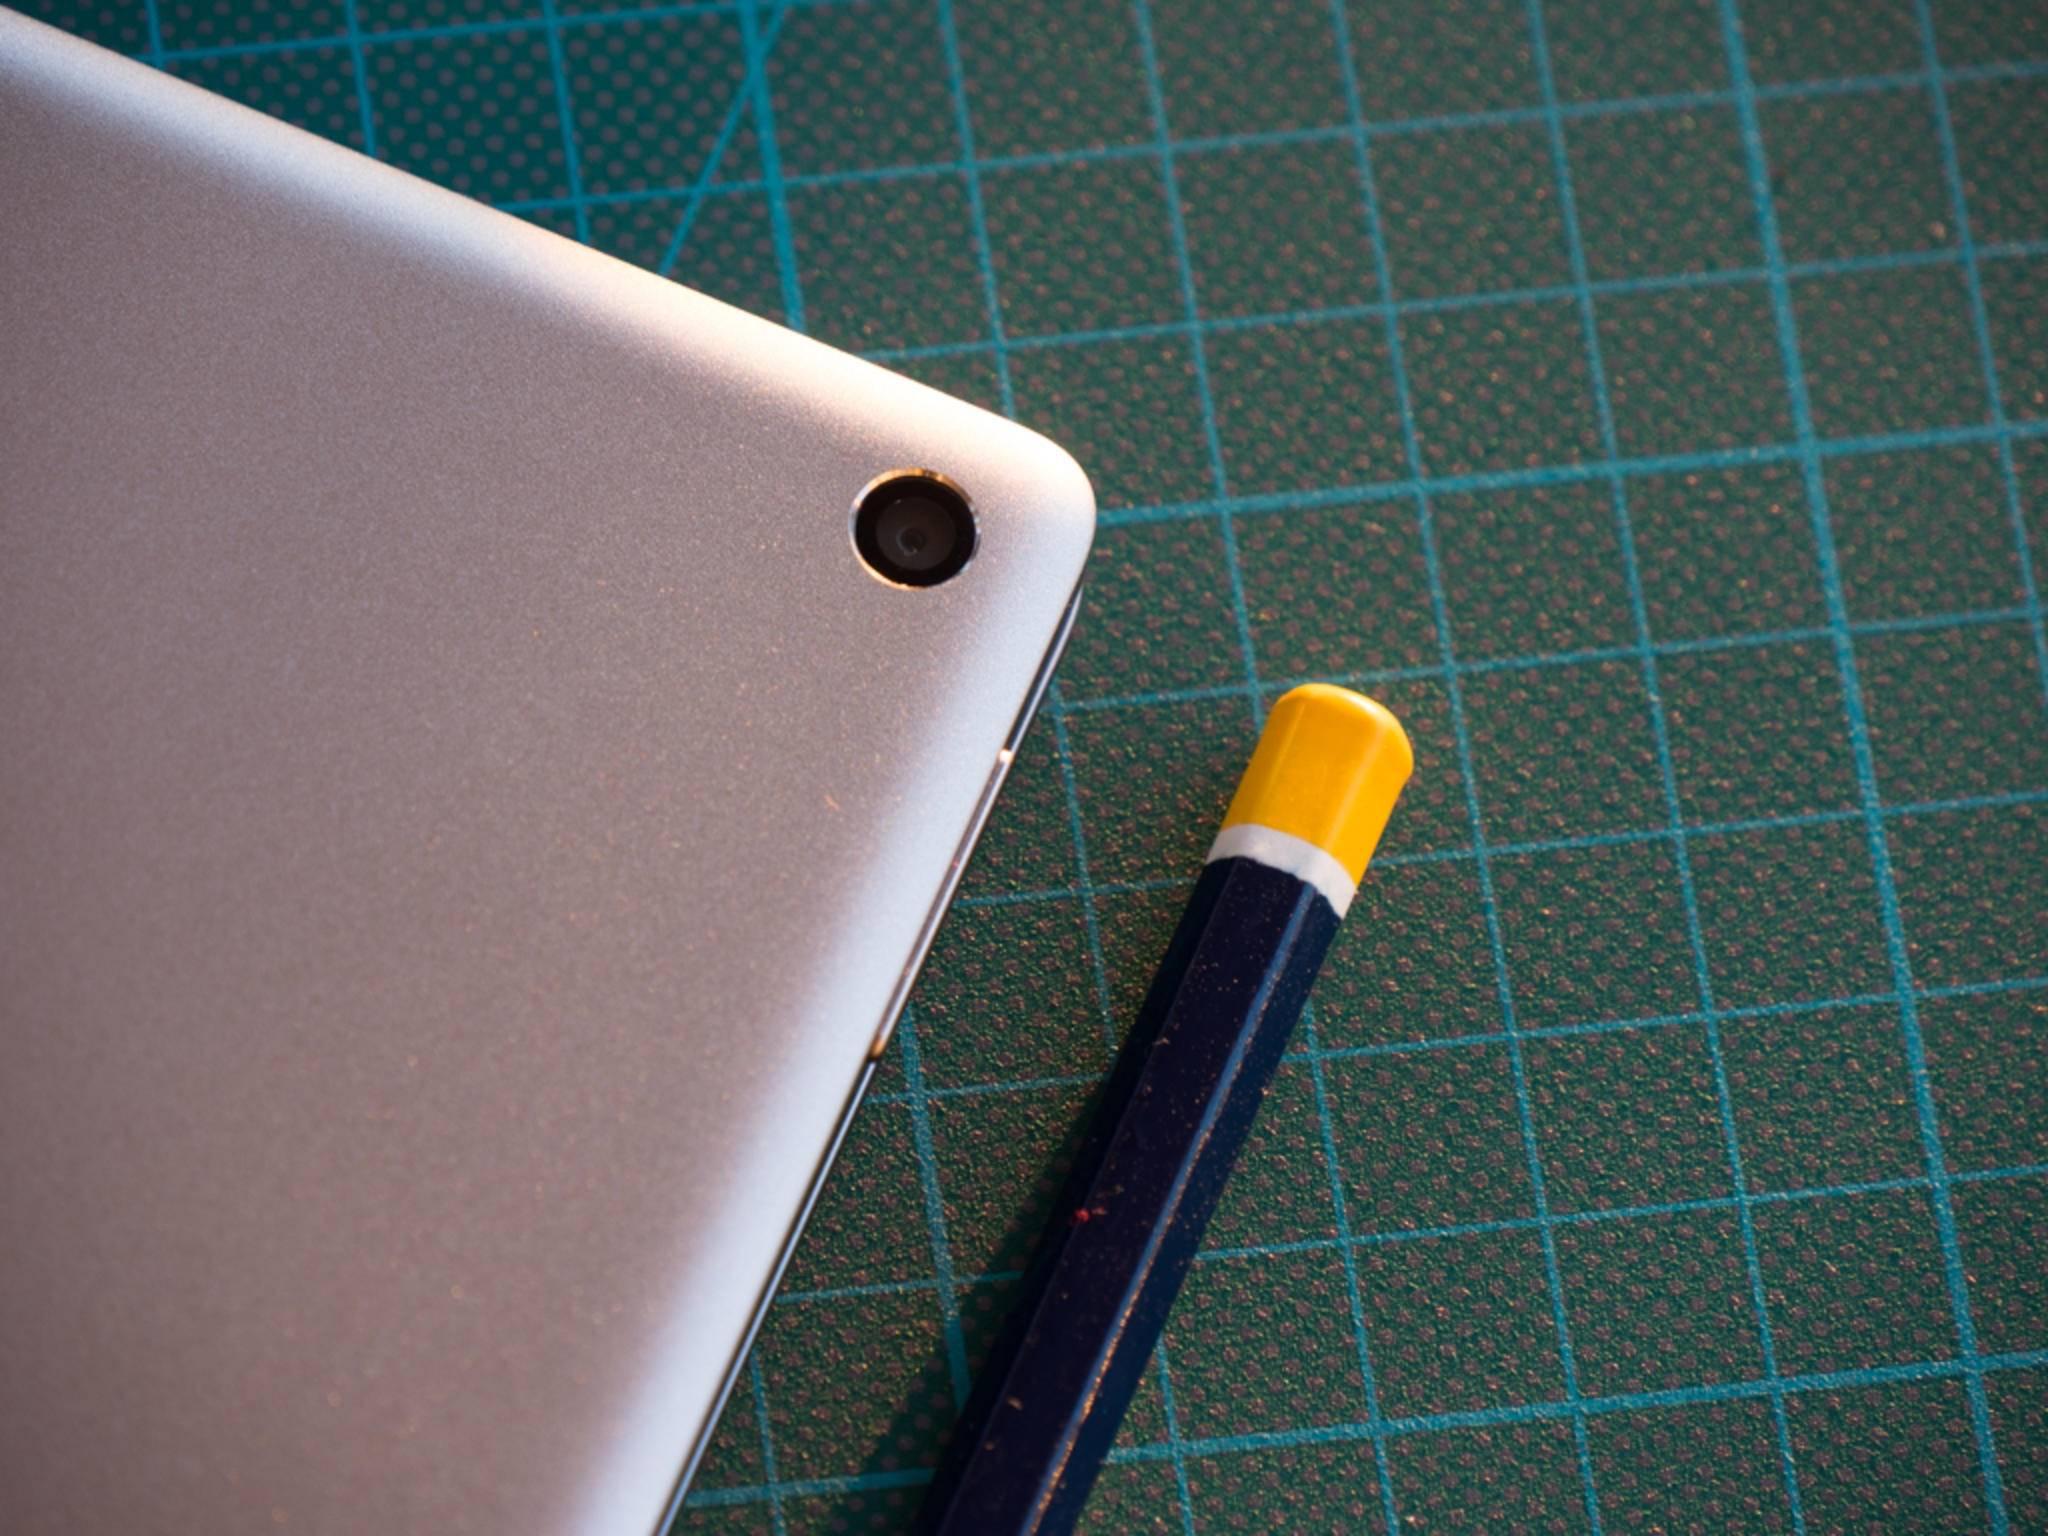 Das Pixel C hat die für ein Tablet typische Kamera in der Ecke.